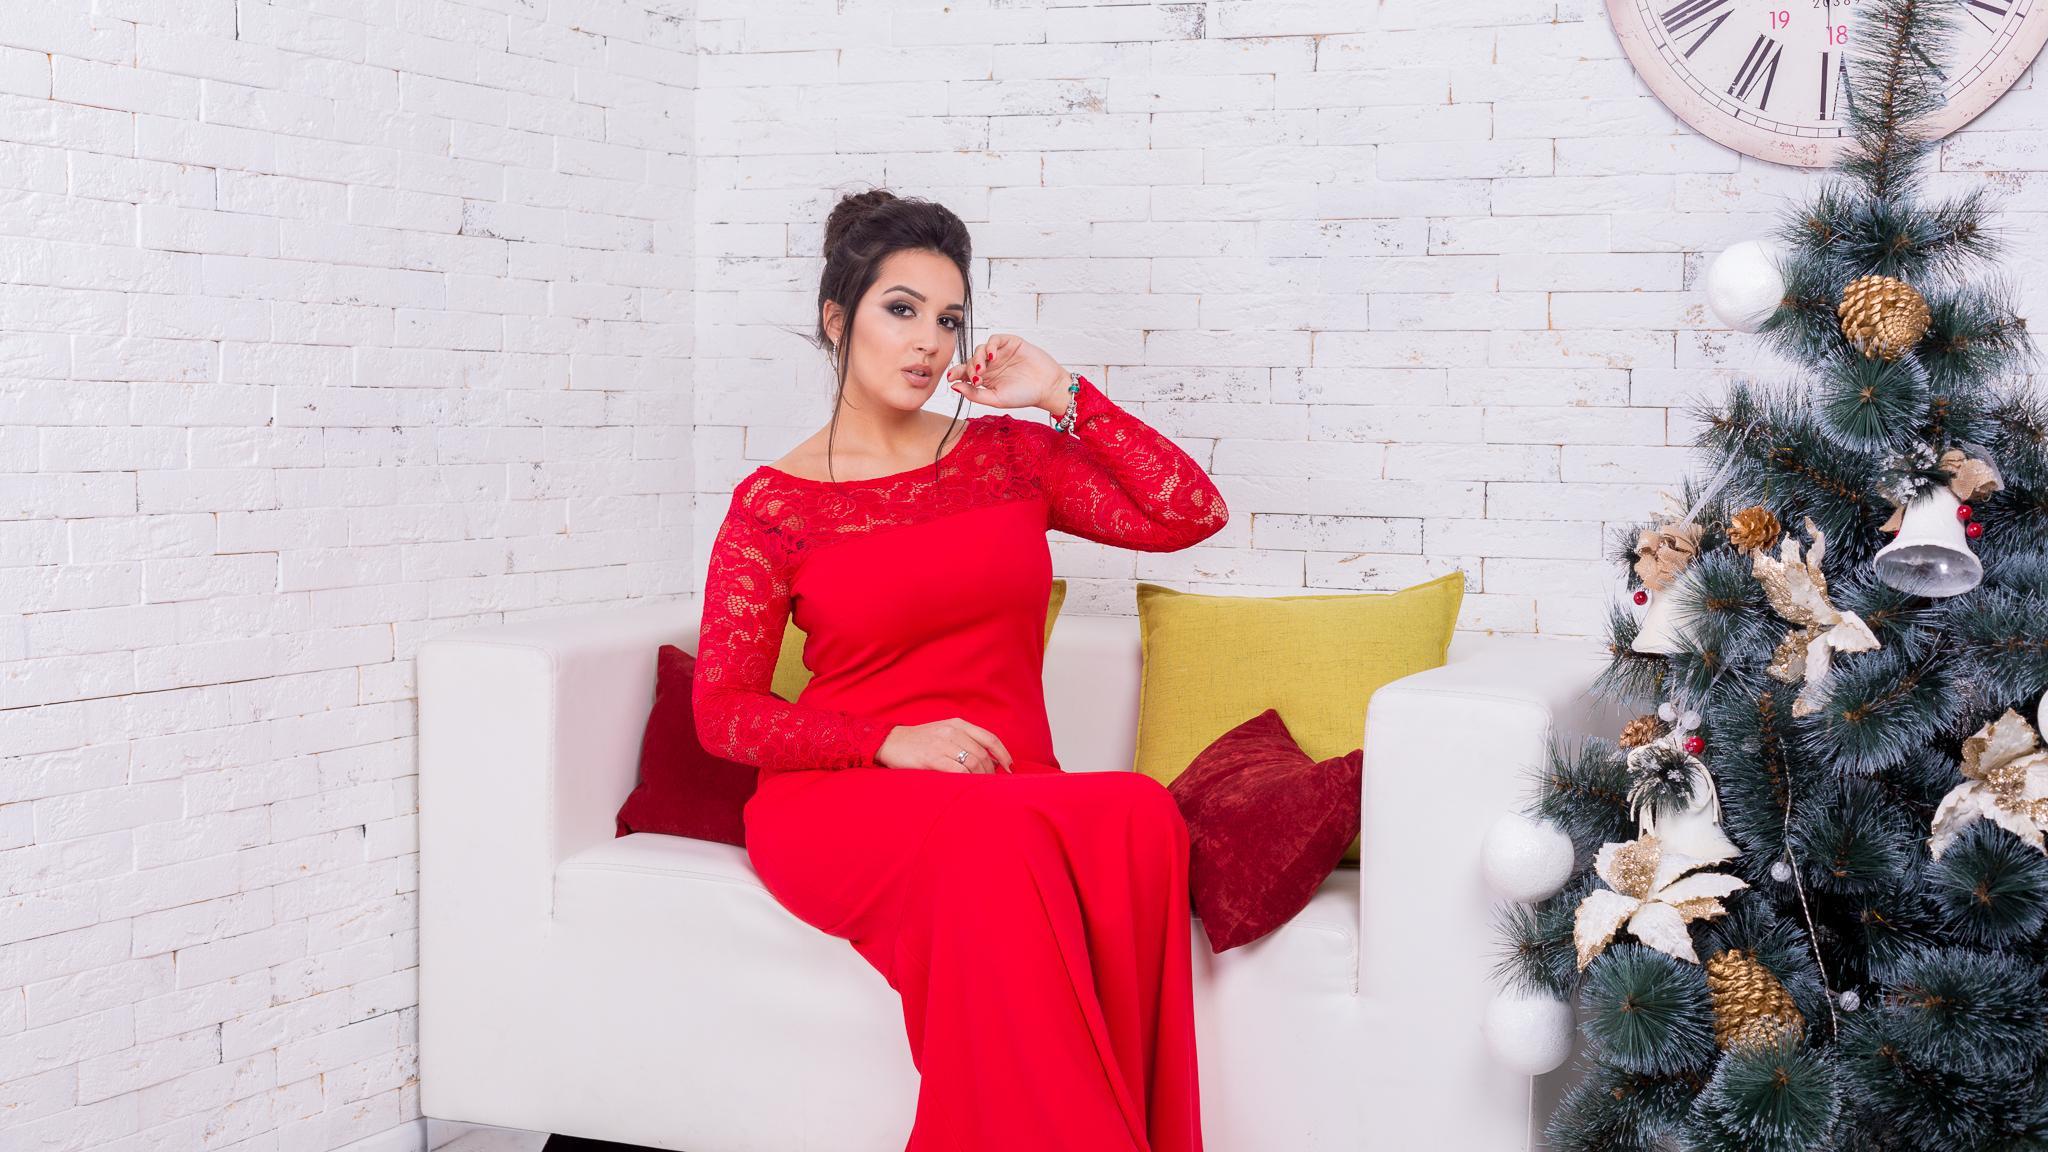 bfcfa6b9d9c Платья женские больших размеров по самым низким ценам напрямую от  производителя